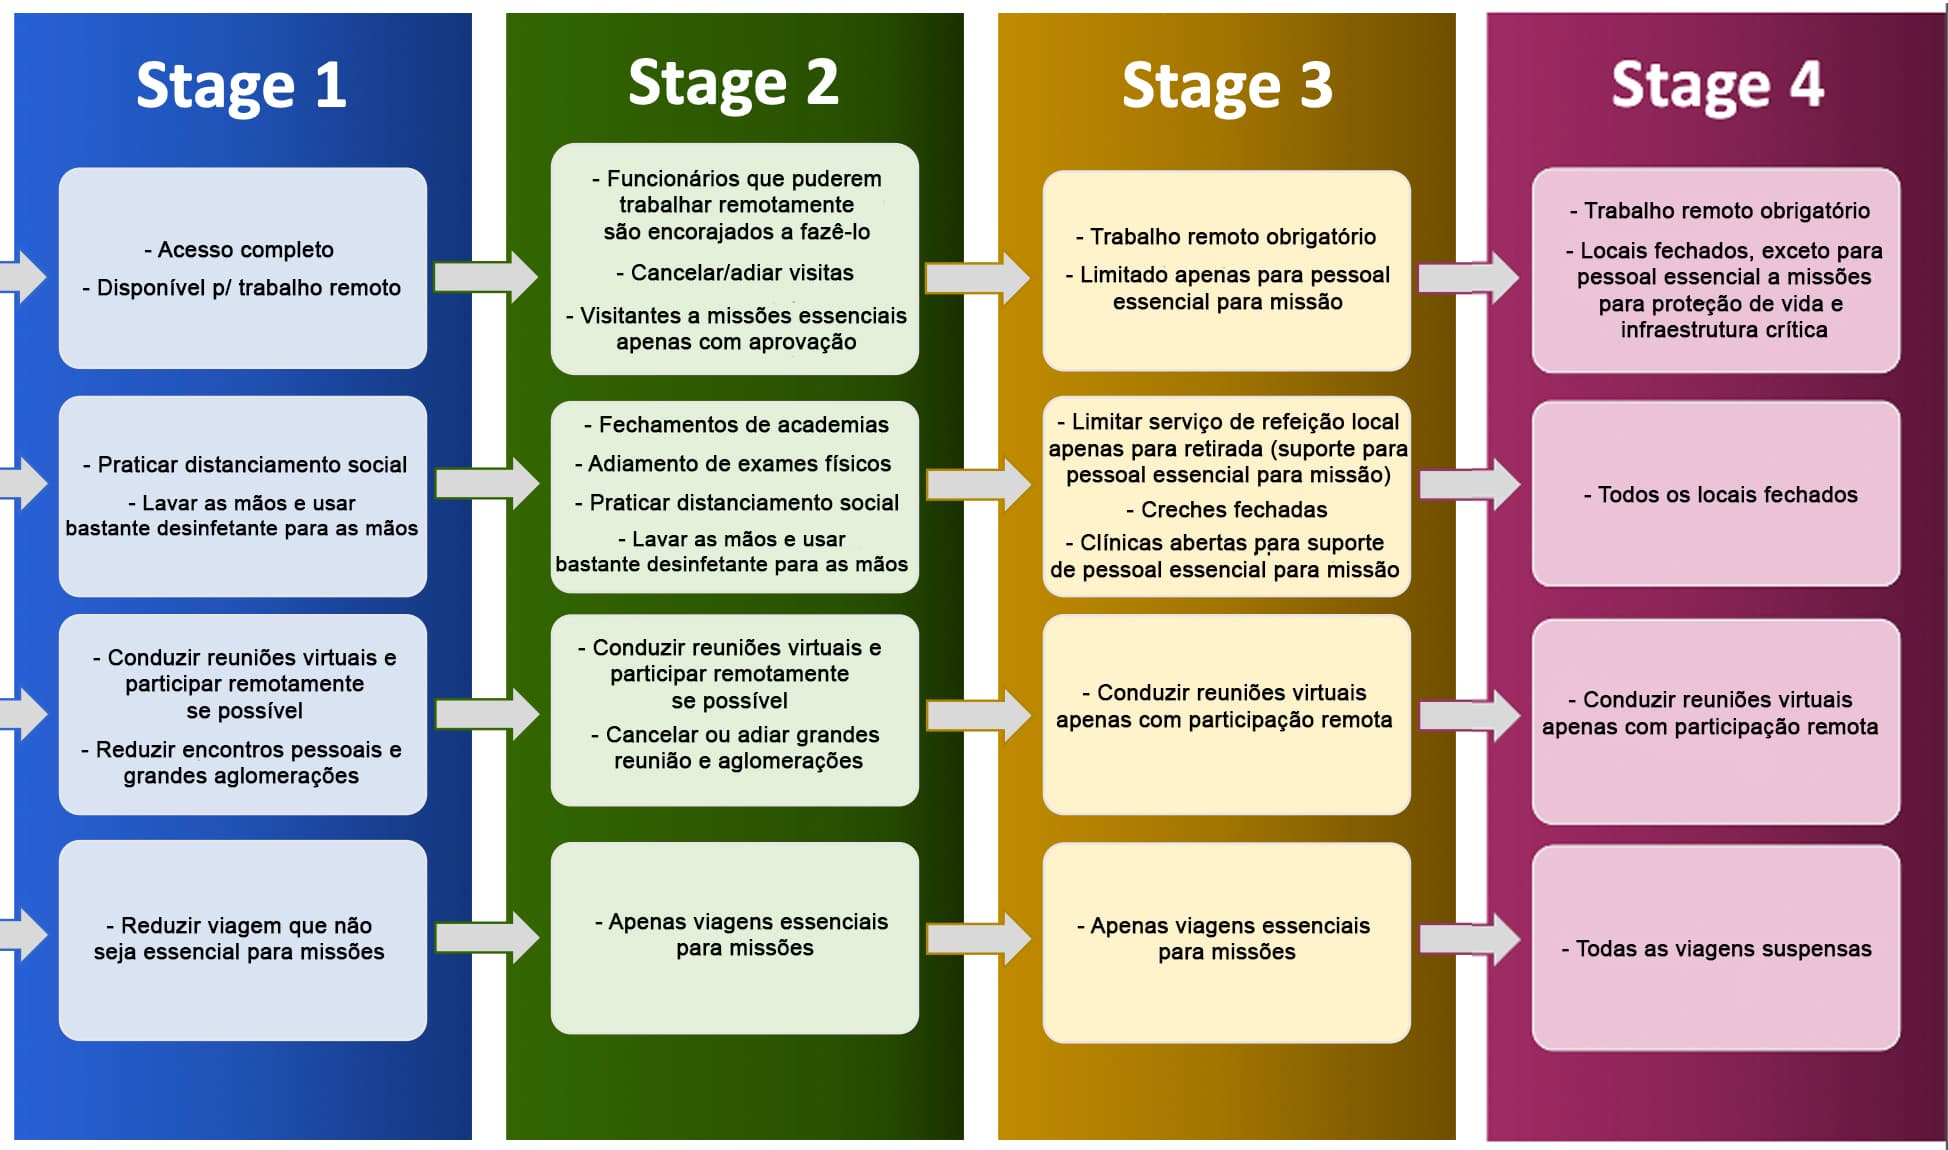 Estrutura de Resposta da NASA, do Estágio 1 ao 4.